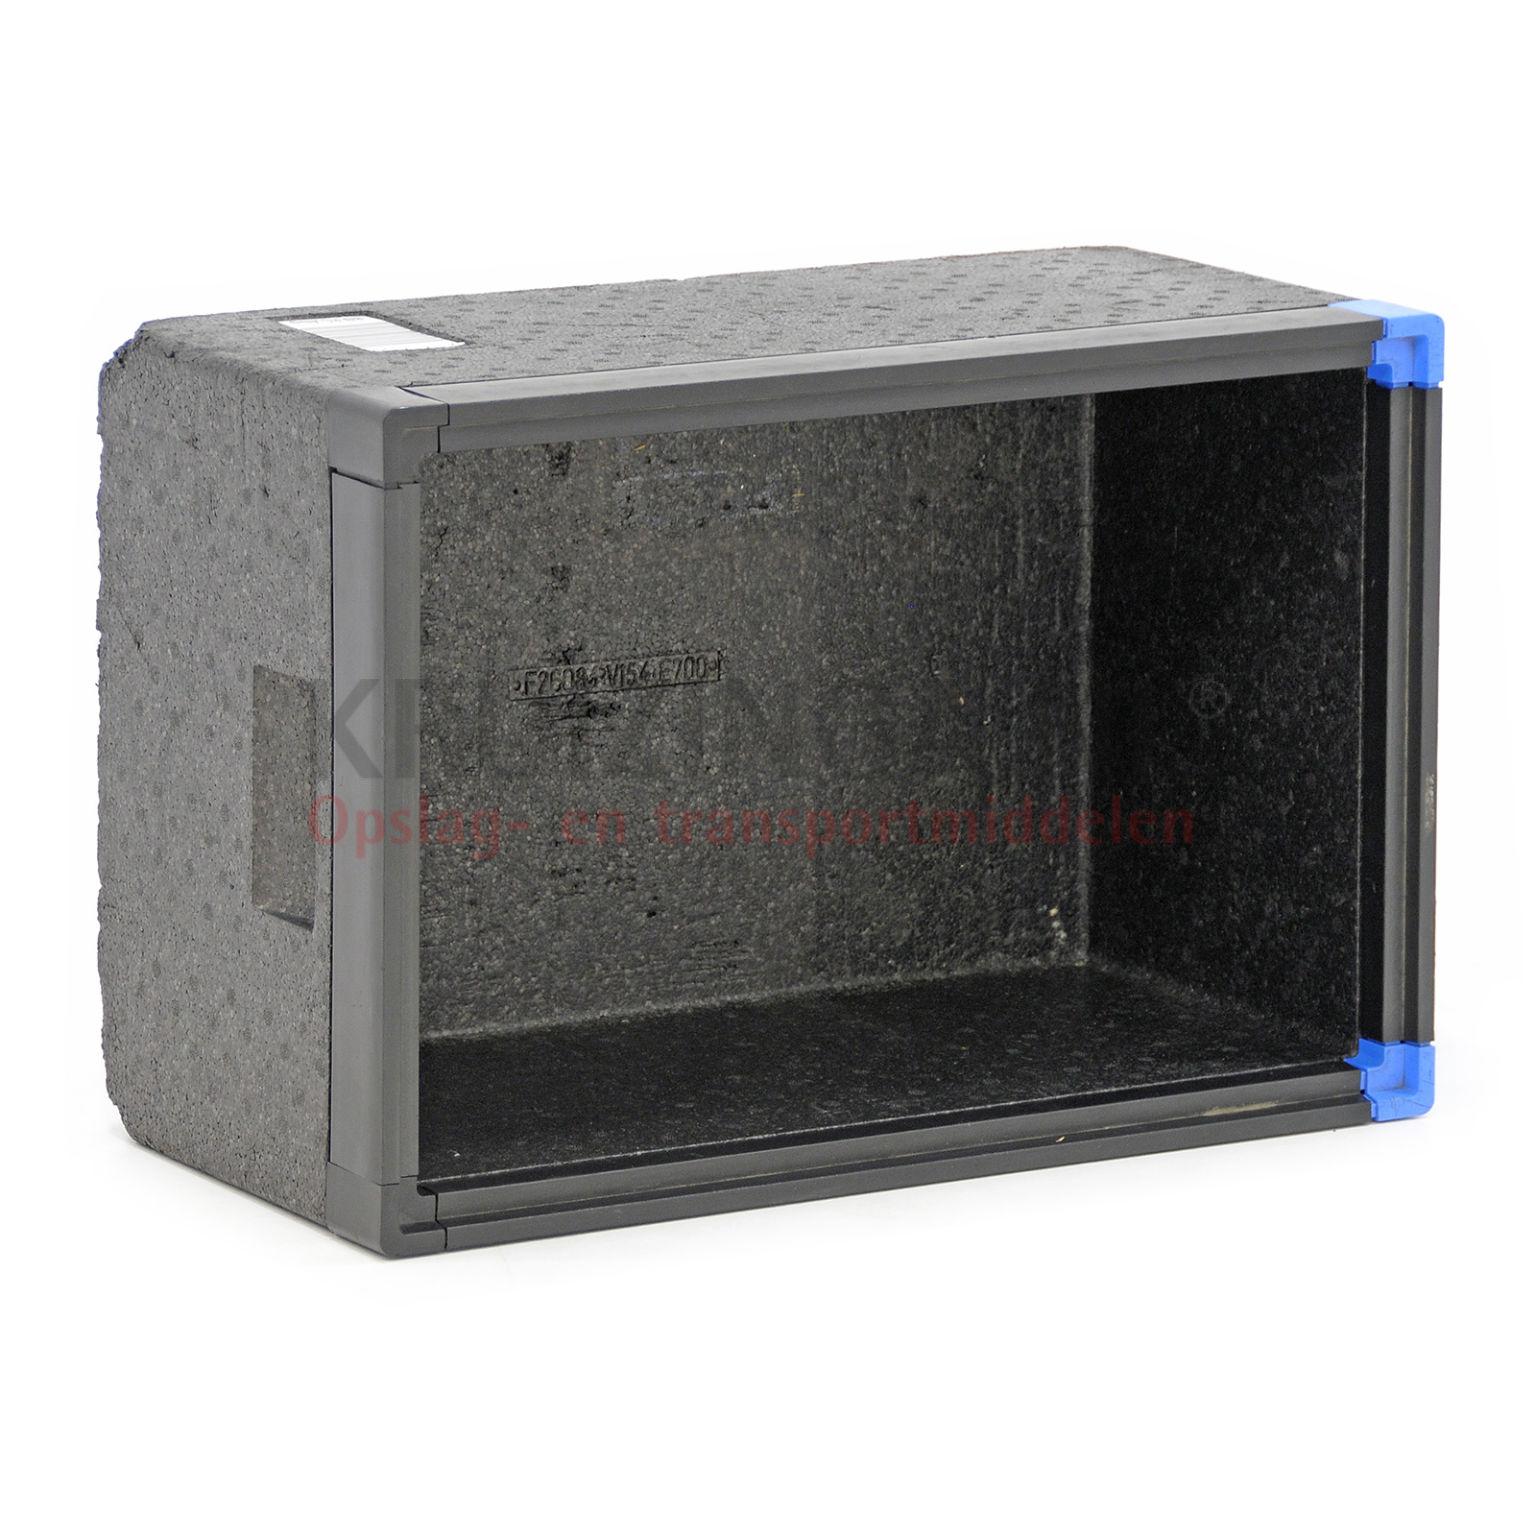 stapelboxen kunststoff stapelbar alle w nde geschlossen gebraucht ab 8 50 frei haus. Black Bedroom Furniture Sets. Home Design Ideas